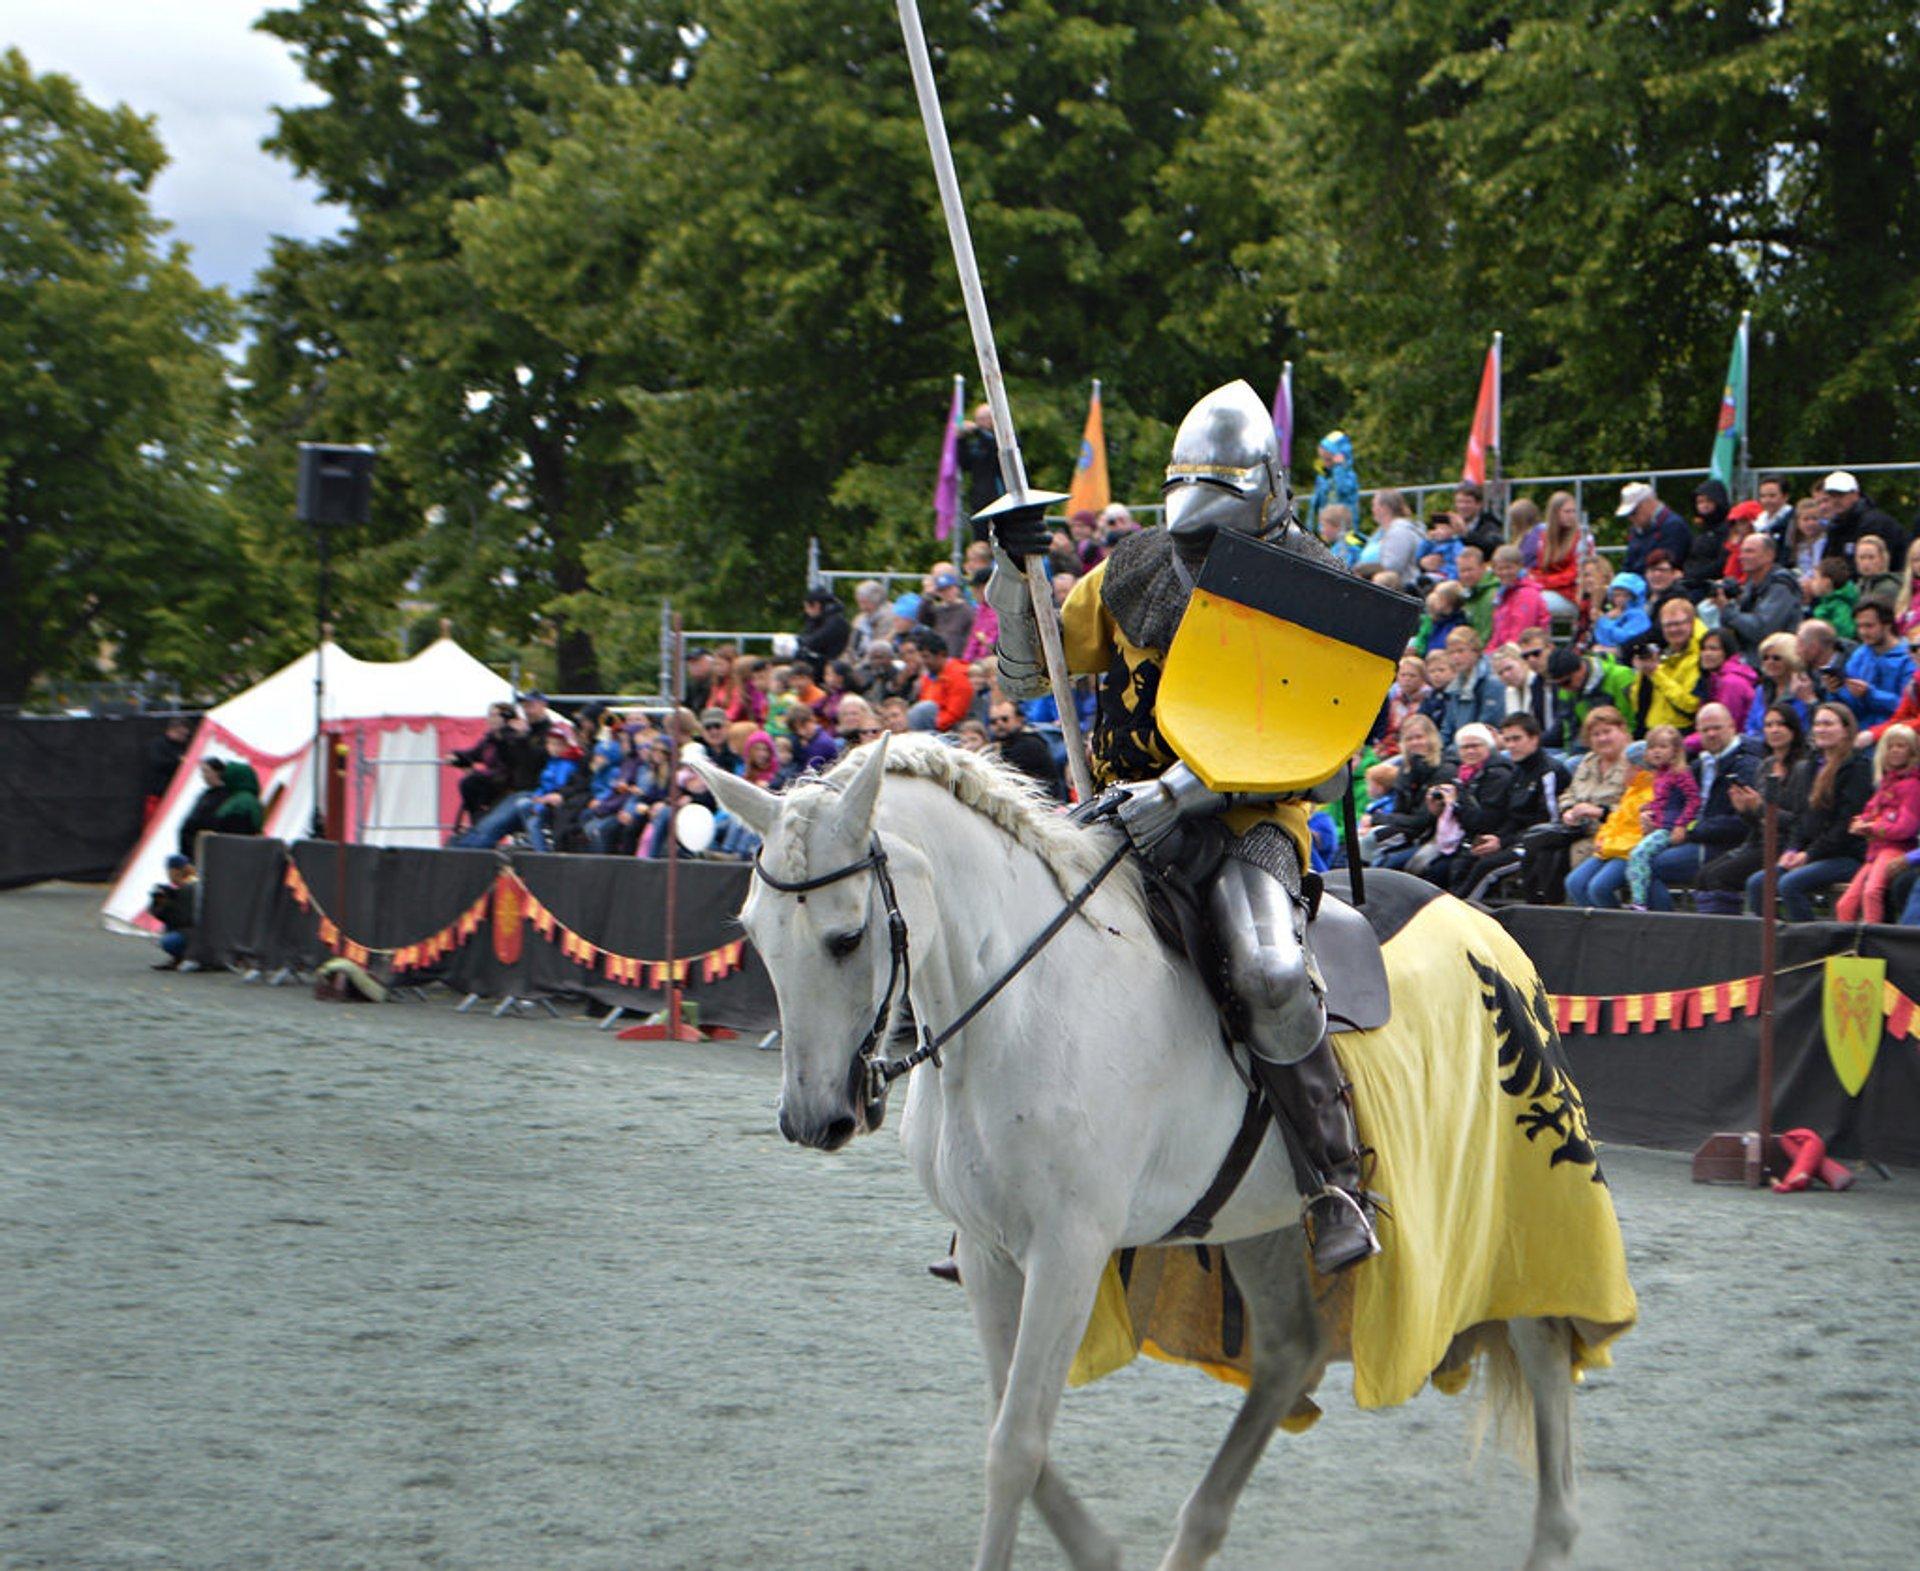 St. Olav Festival in Norway 2020 - Best Time